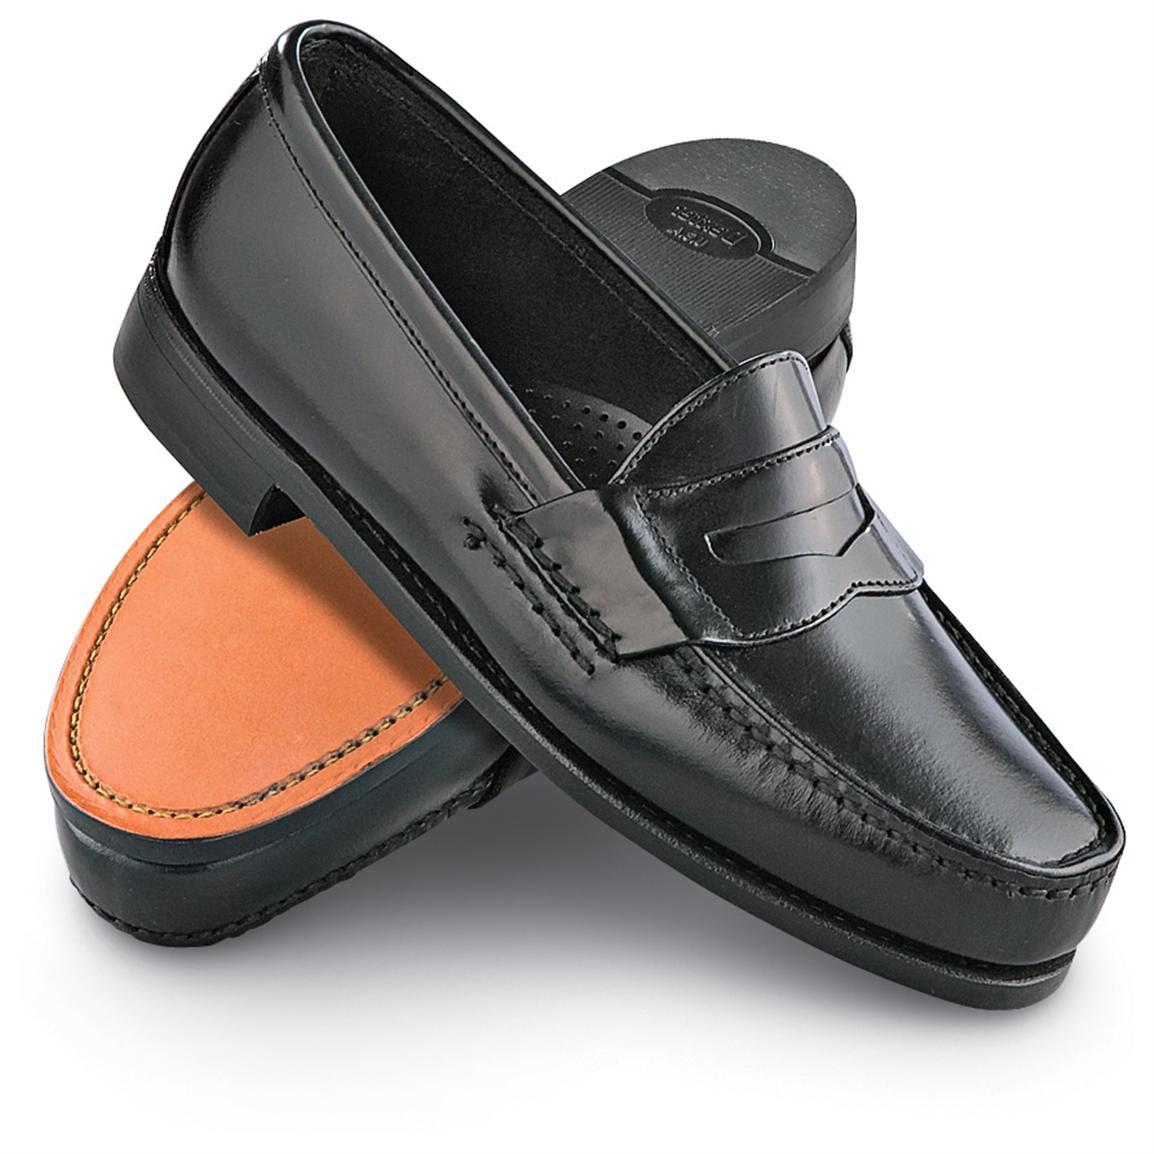 Men's Dexter® Penny Loafer Dress Shoes, Black - 118560 ...